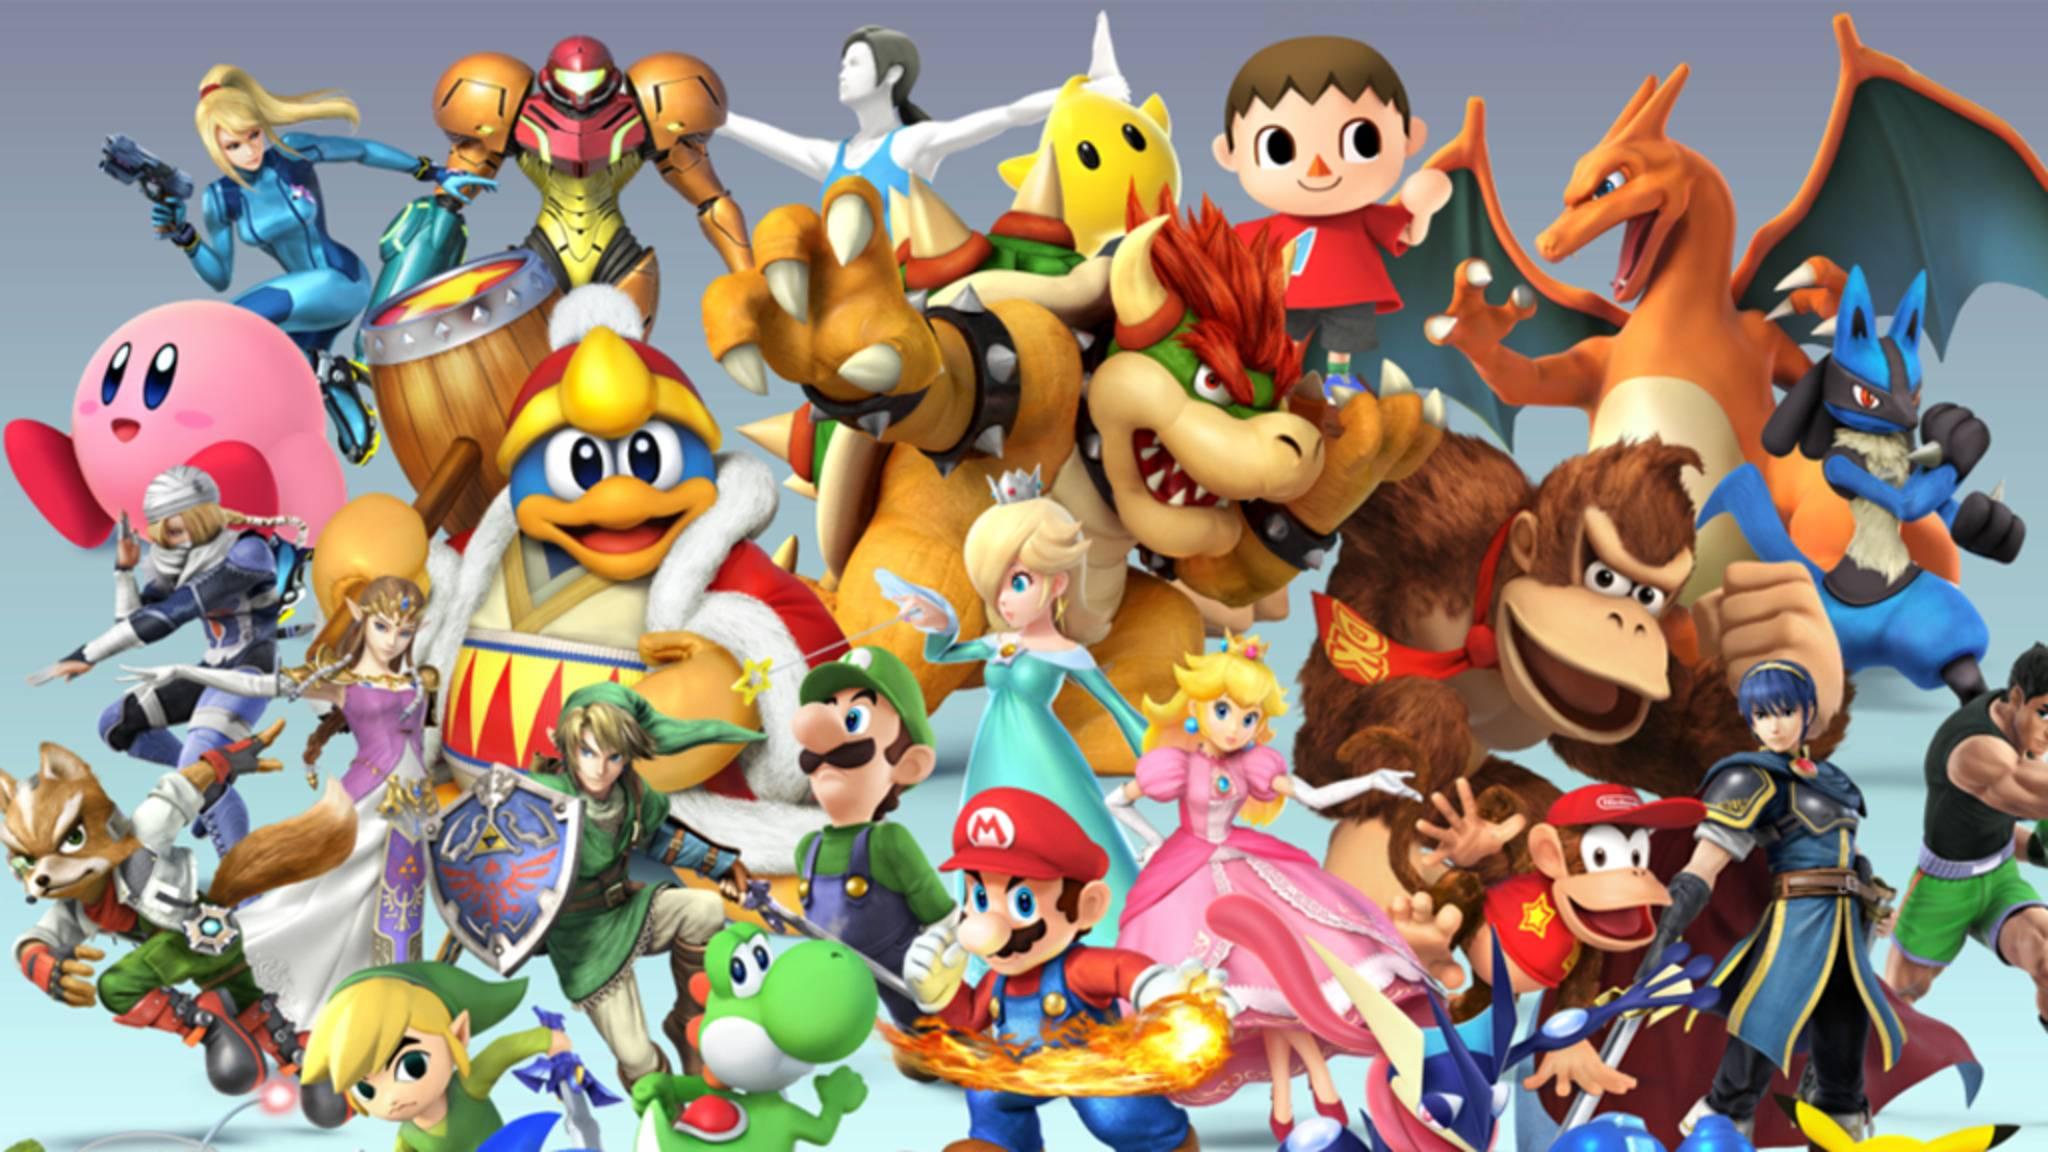 """Kunterbuntes Kuddelmuddel: """"Super Smash Bros."""" treibt den Crossover-Gedanken mit Charakteren aus zahlreichen Game-Franchises auf die Spitze."""